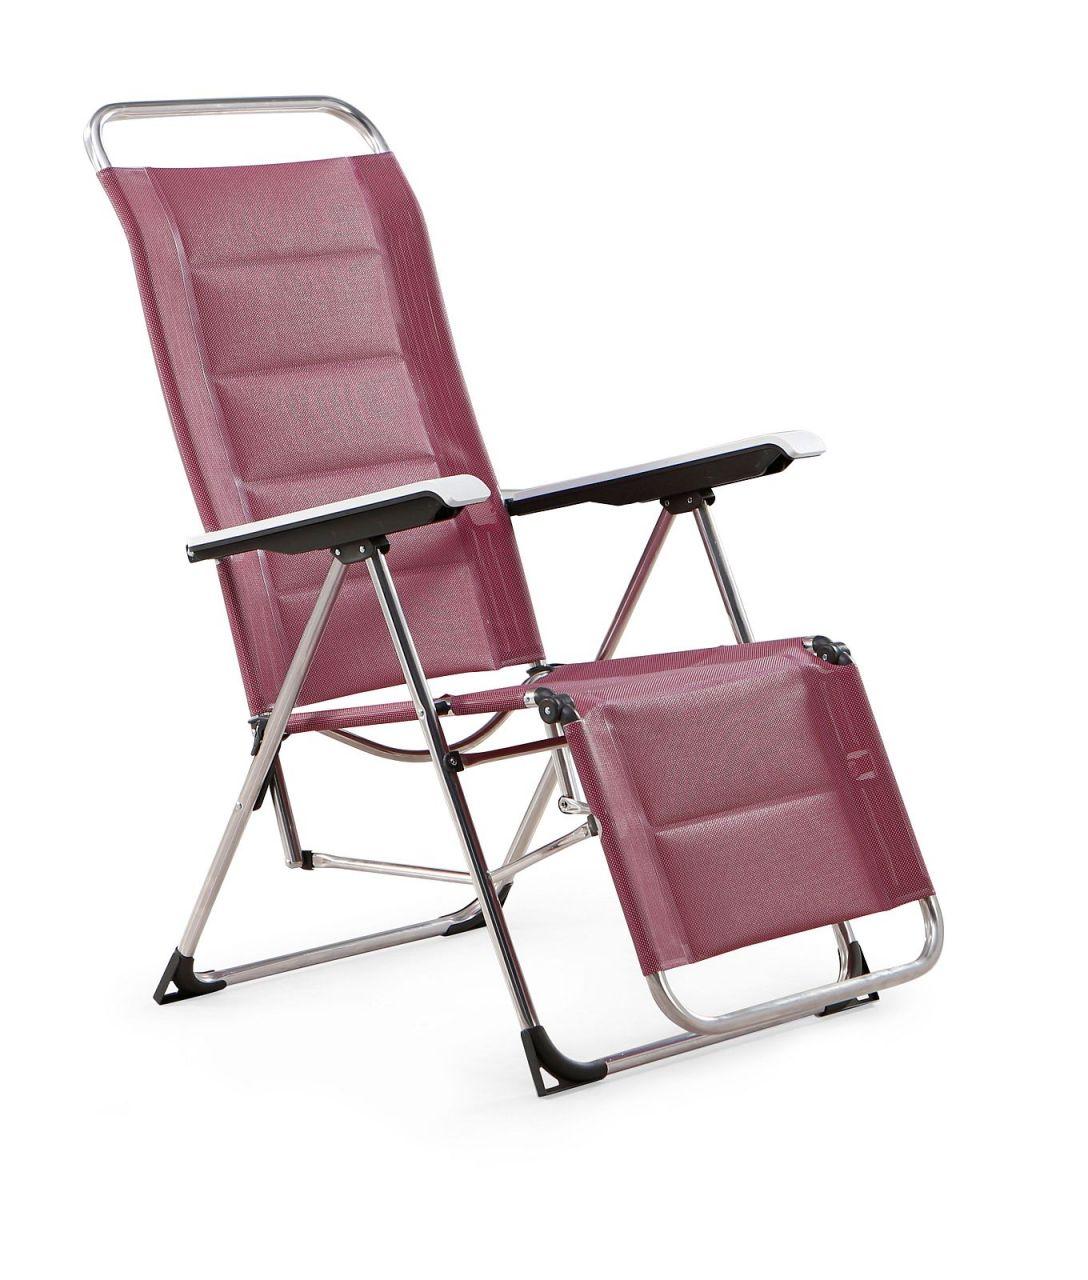 Full Size of 5c89a9439c5b5 Sofa Mit Verstellbarer Sitztiefe Relaxliege Wohnzimmer Garten Wohnzimmer Relaxliege Verstellbar